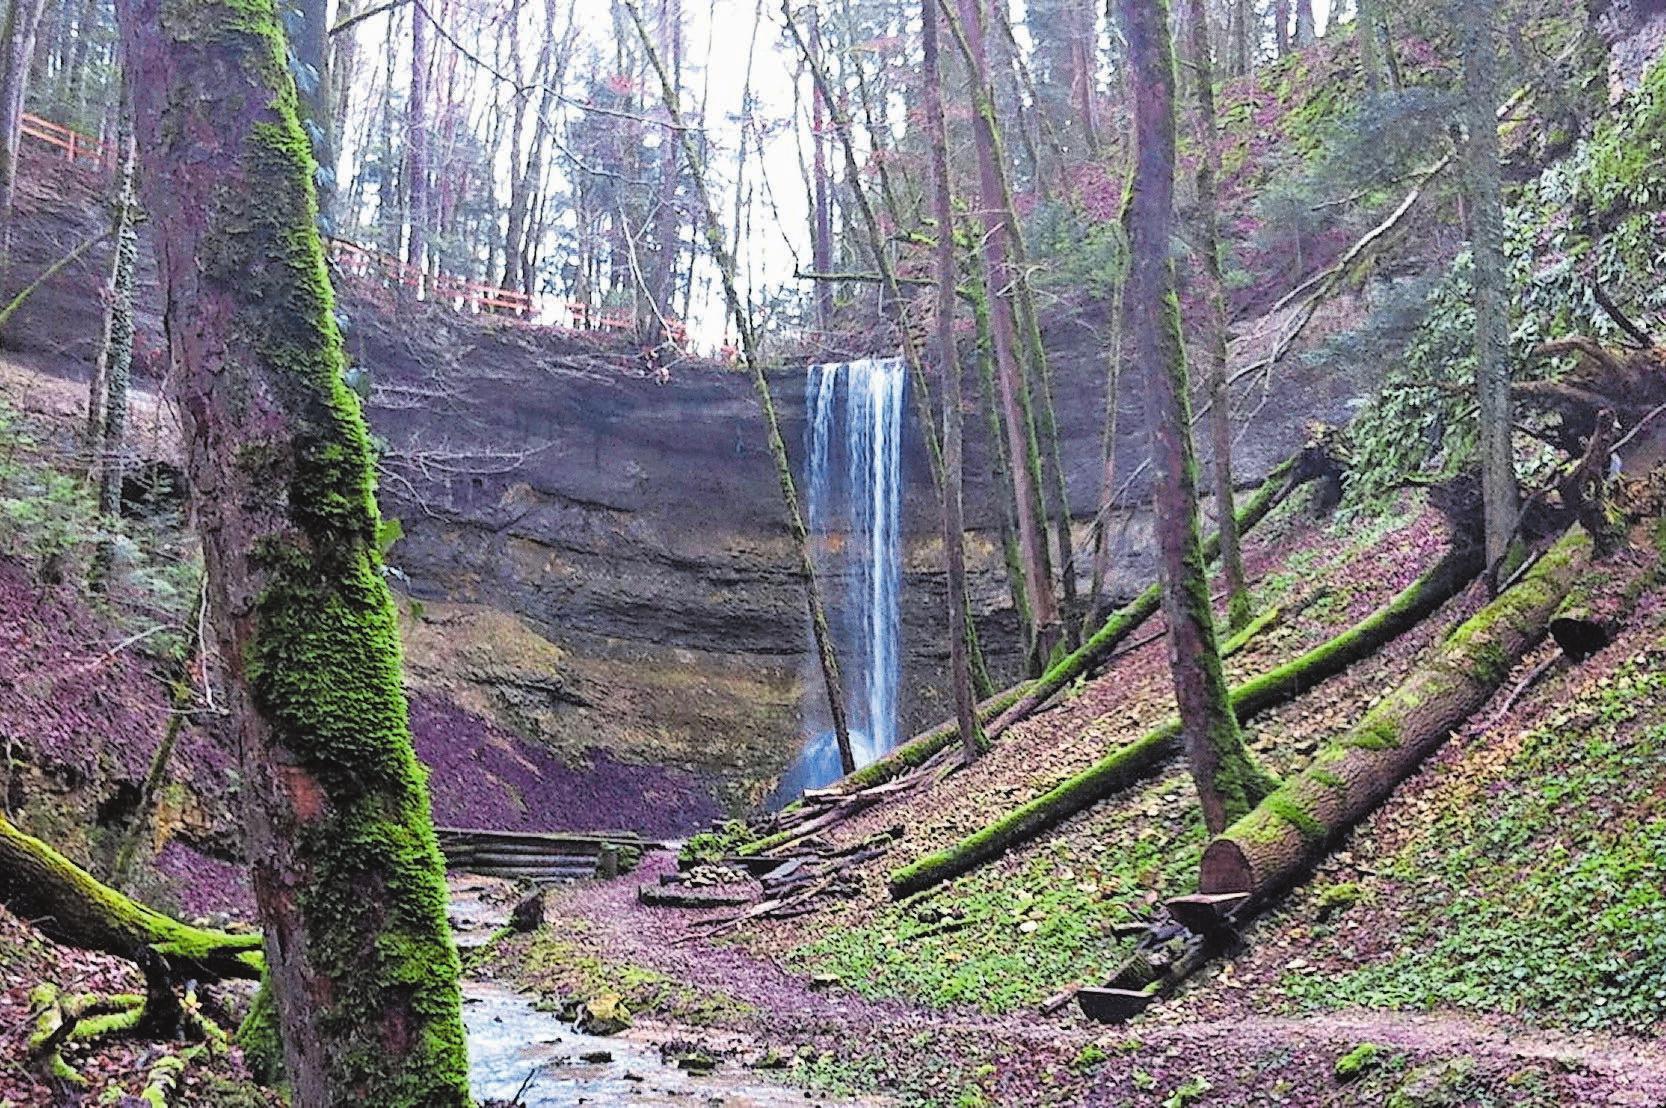 So sieht es normalerweise am Wasserfall Giessen aus, wenn es genug Wasser hat. Bild: Baselland Tourismus